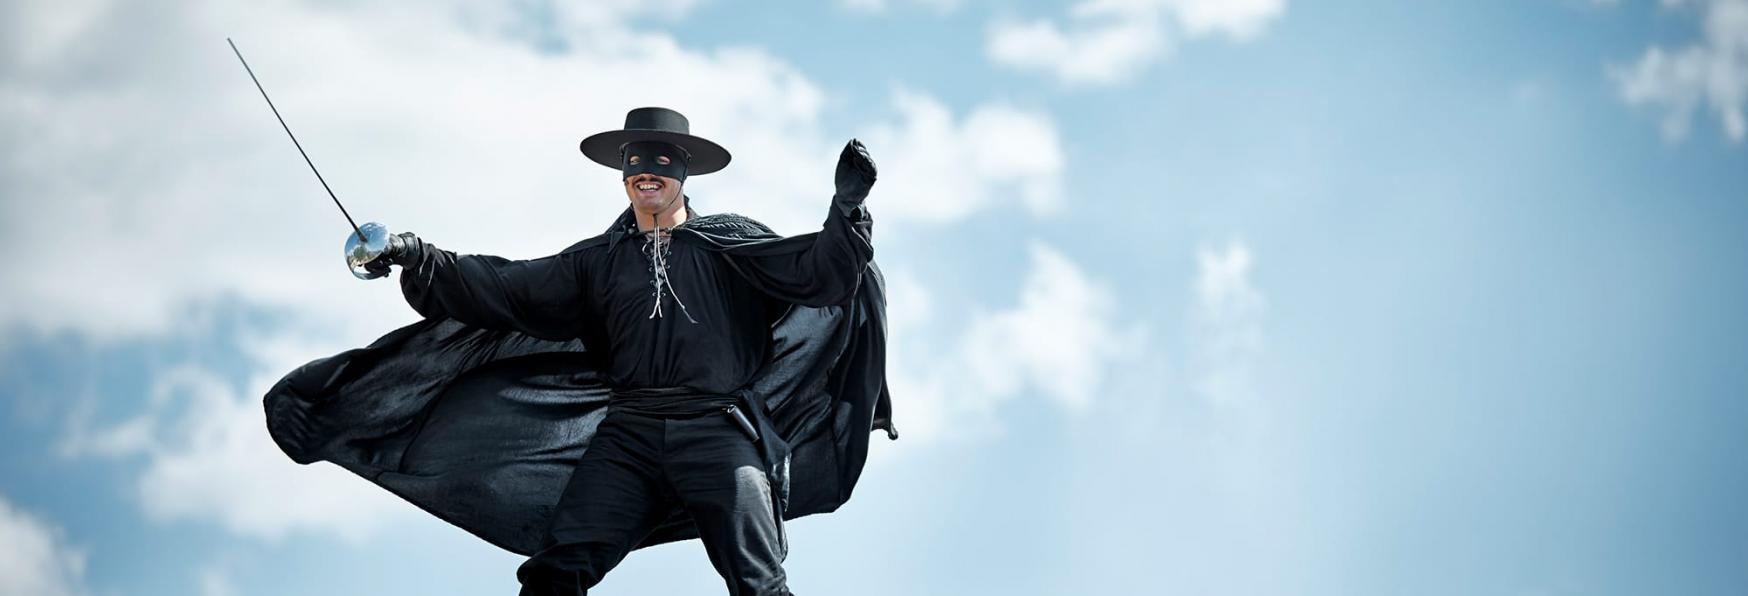 Zorro: la CBS al lavoro su una nuova Serie TV. La Protagonista sarà una Donna!